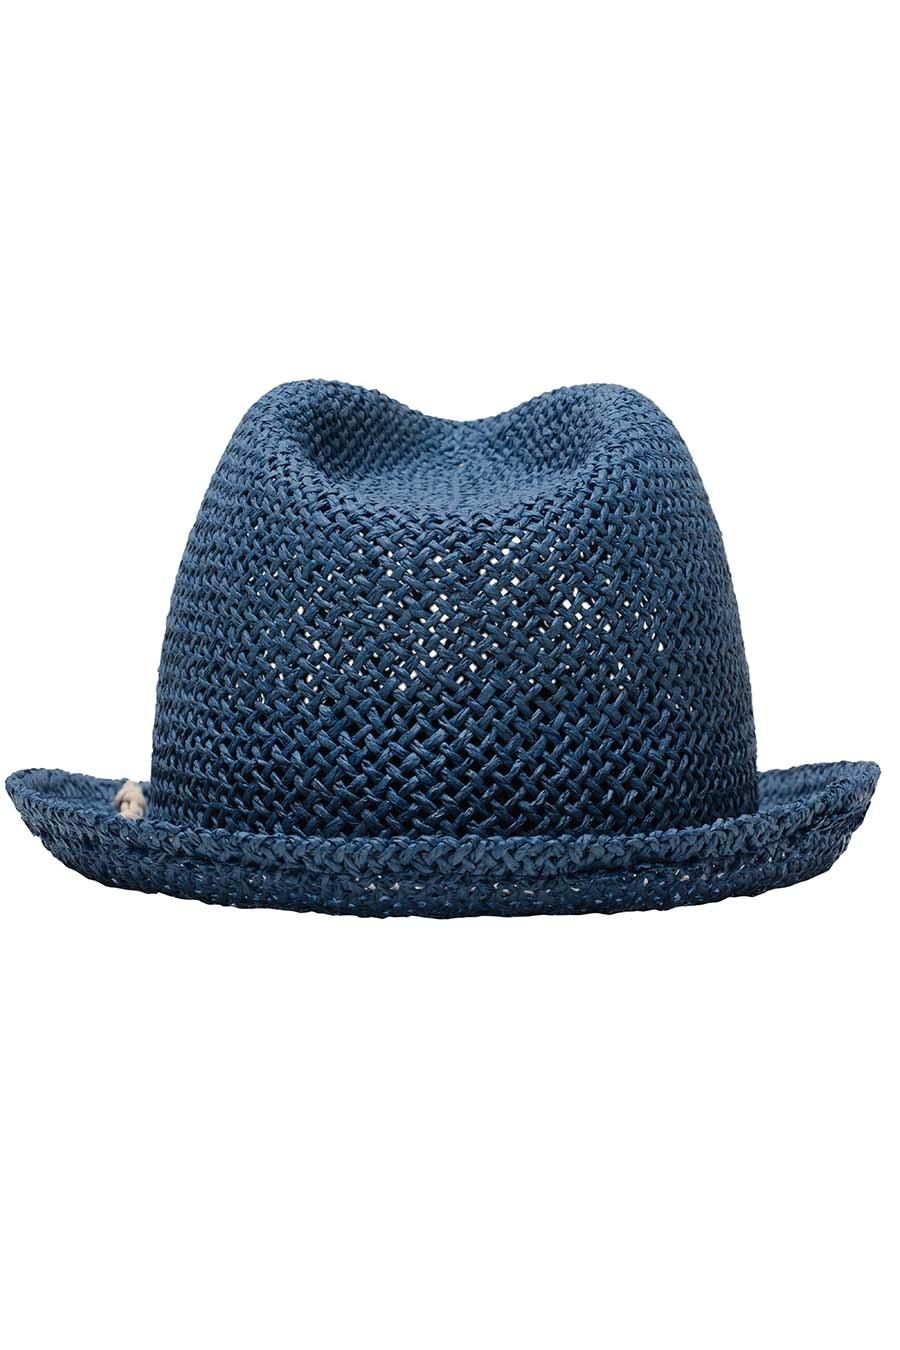 Chapeau look d'été - 20-1456-1